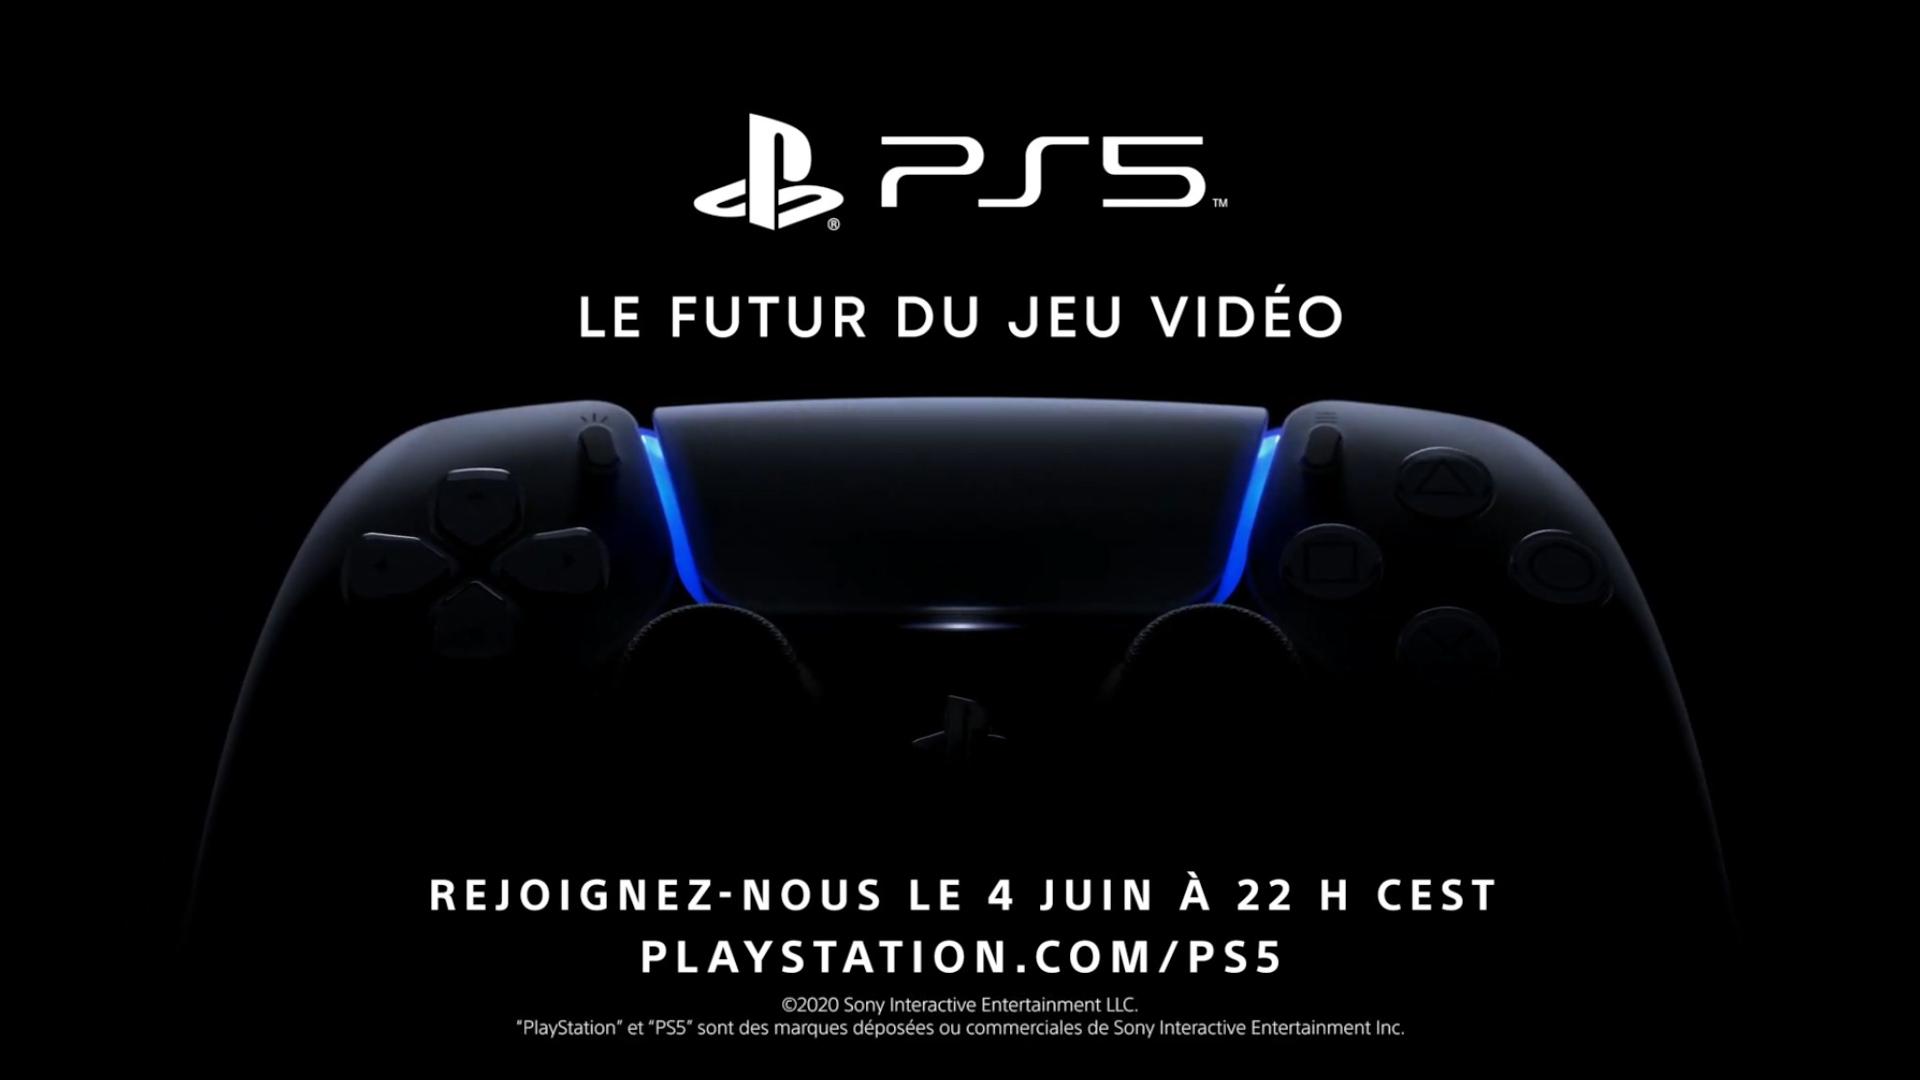 PS5 : le futur du jeu vidéo